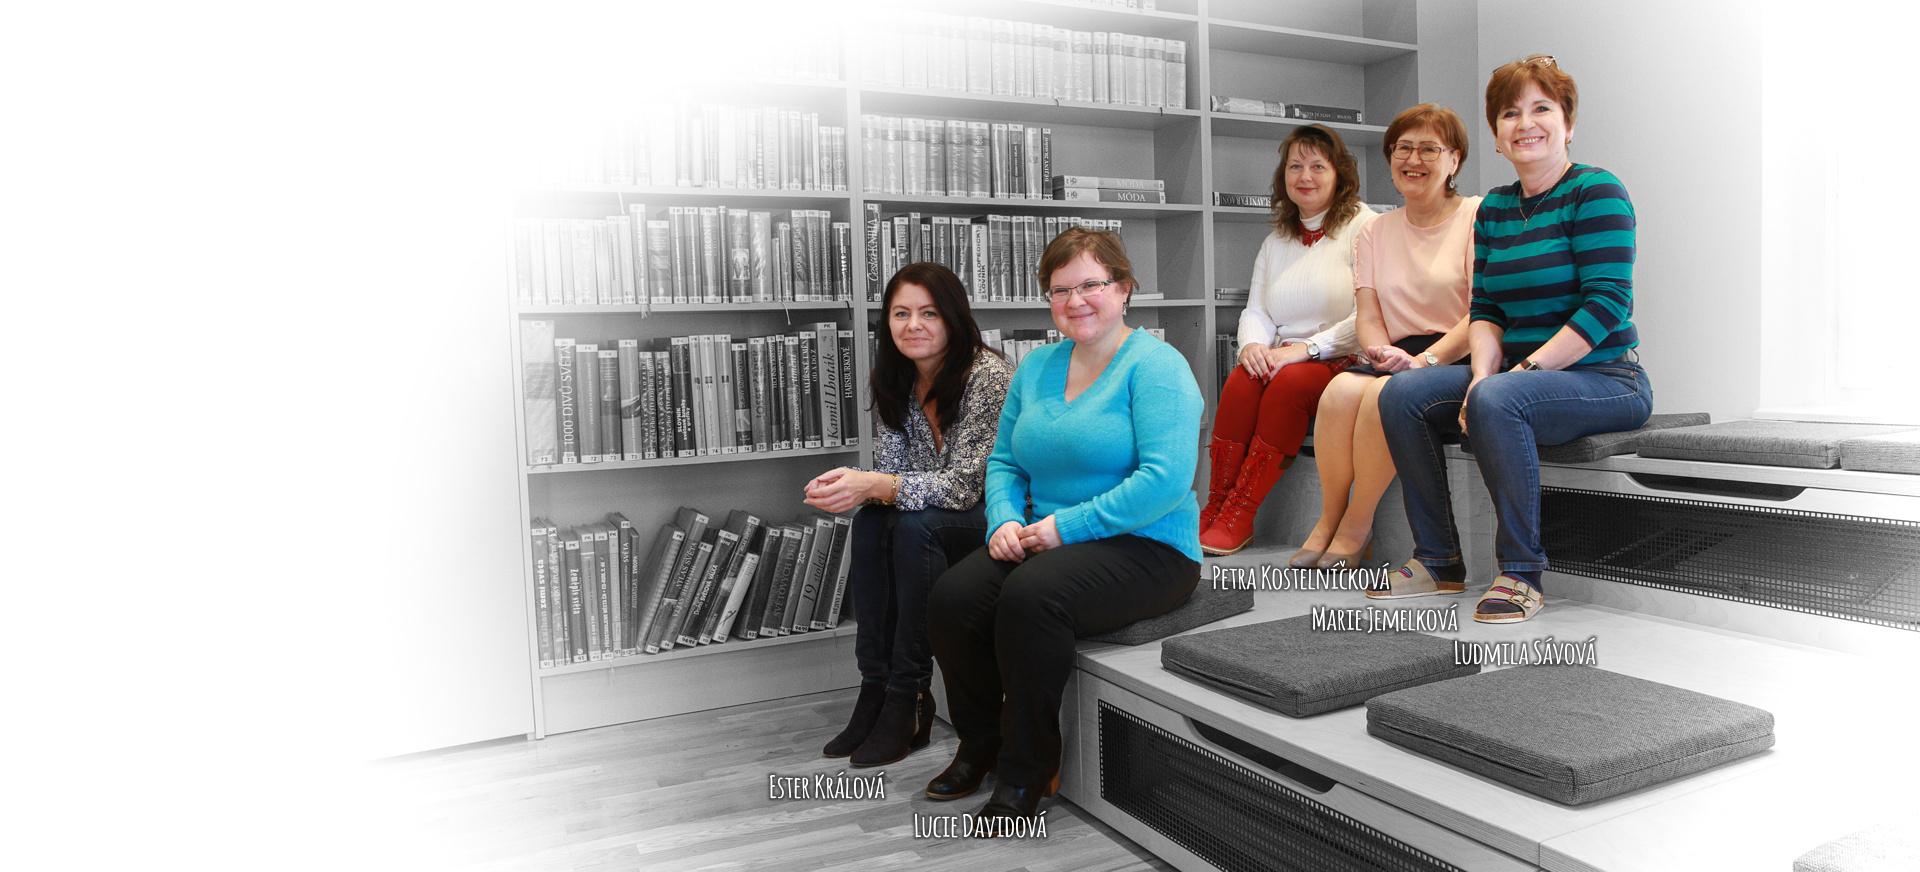 Náš tým, zleva: Ester Králová, Lucie Davidová, Petra Kostelníčková, Marie Jemelková, Ludmila Sávová